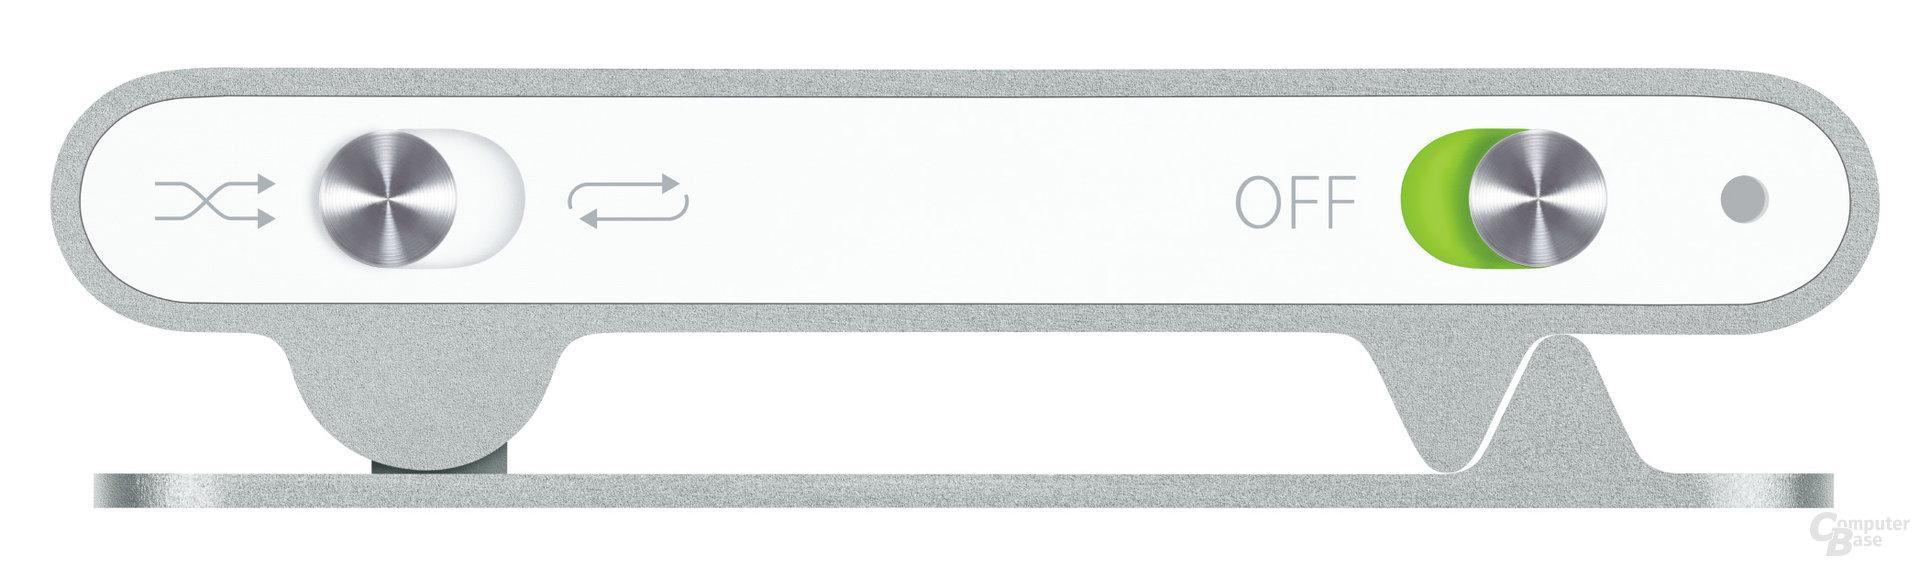 Apple iPod shuffle G2